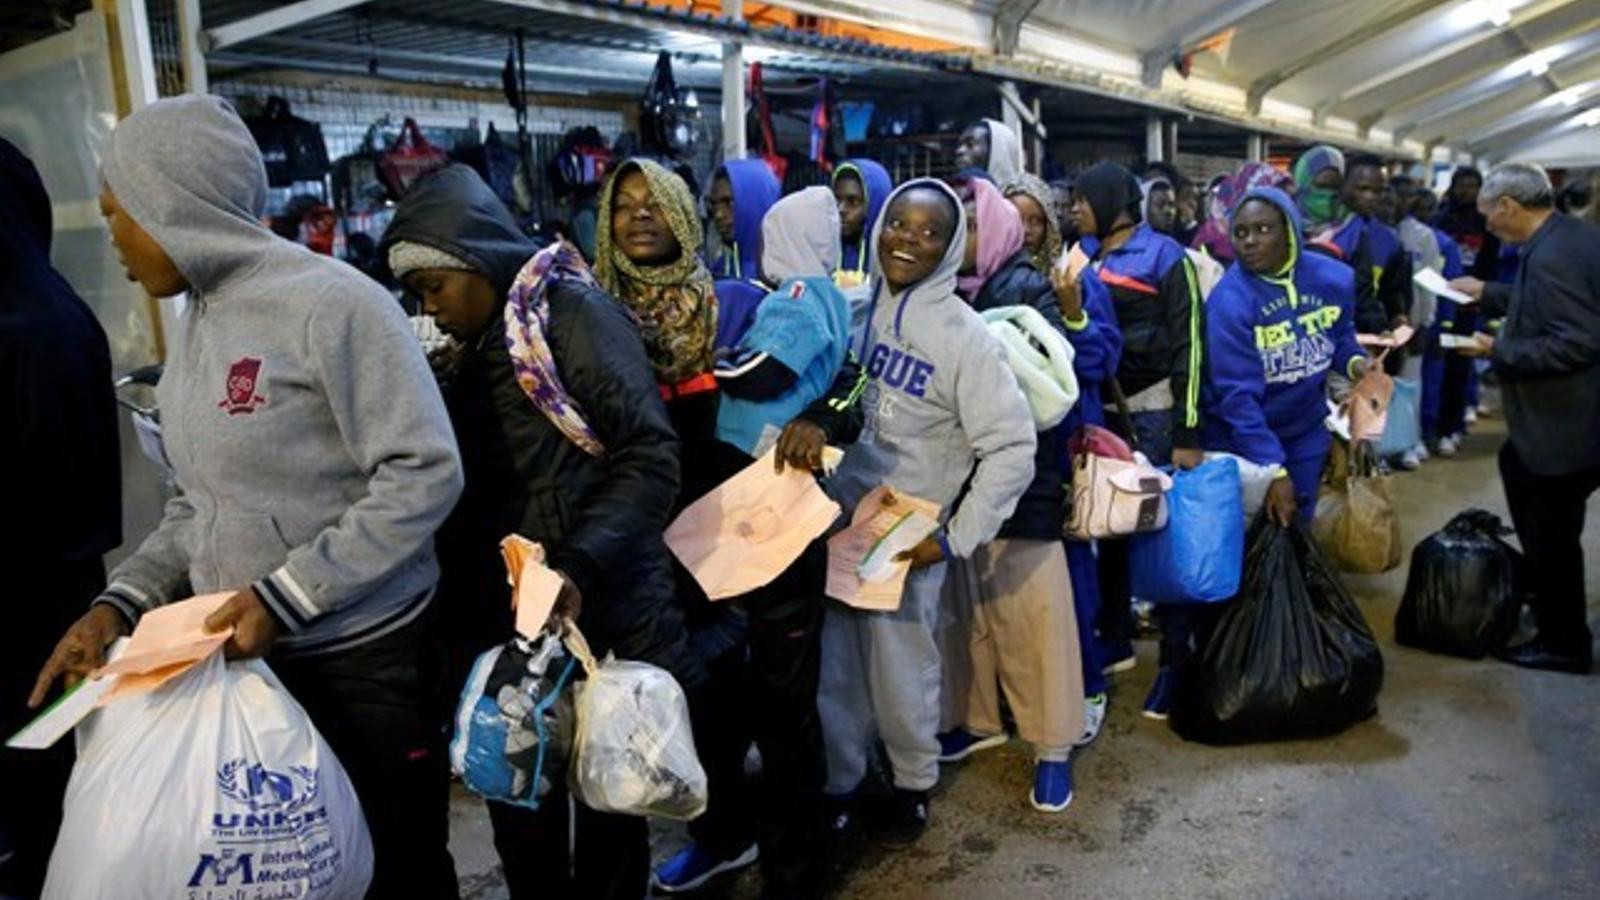 Desenes de subsaharians esperen embarcar a l'aeroport de Trípoli per tornar a casa, dins del programa de retorn voluntari impulsat per la UE.